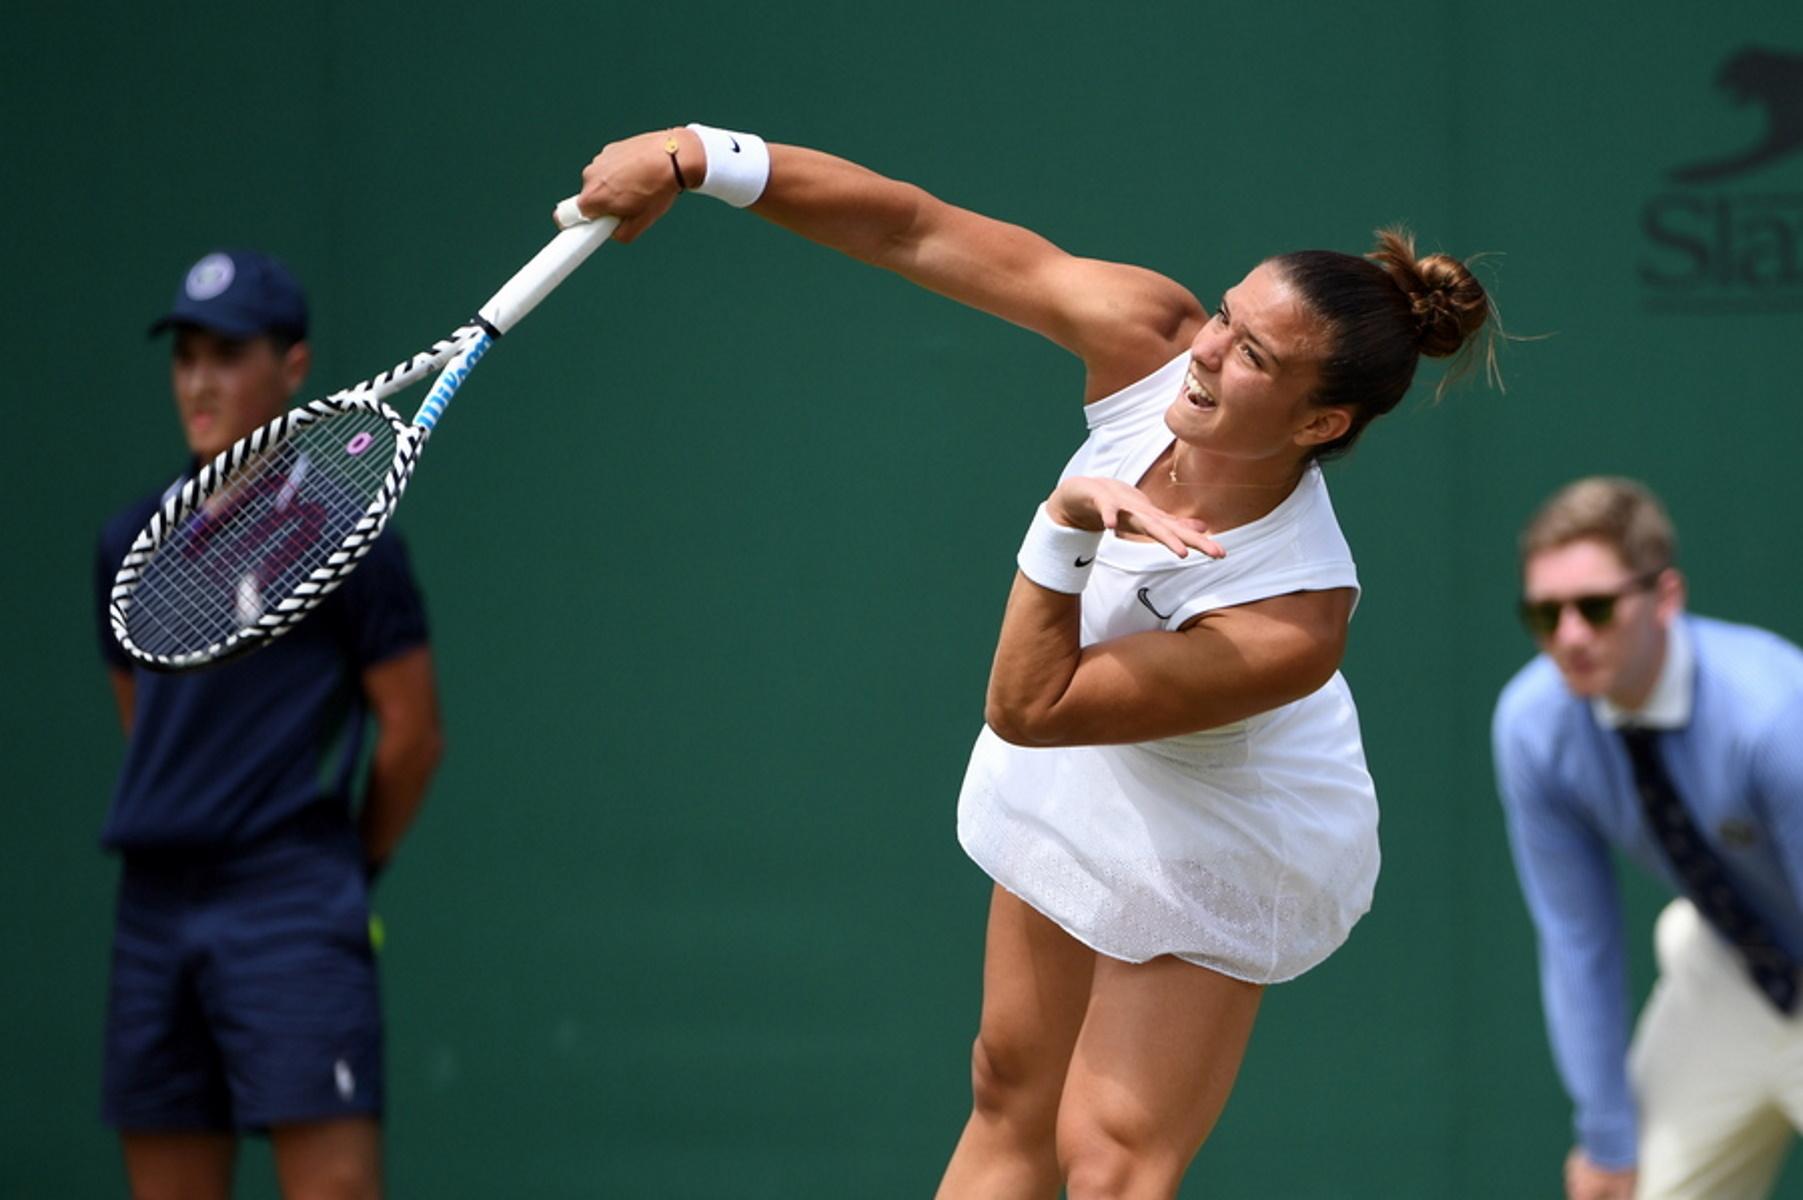 Μαρία Σάκκαρη – Σέλμπι Ρότζερς: Η ώρα που θα συνεχιστεί ο αγώνας στο Wimbledon